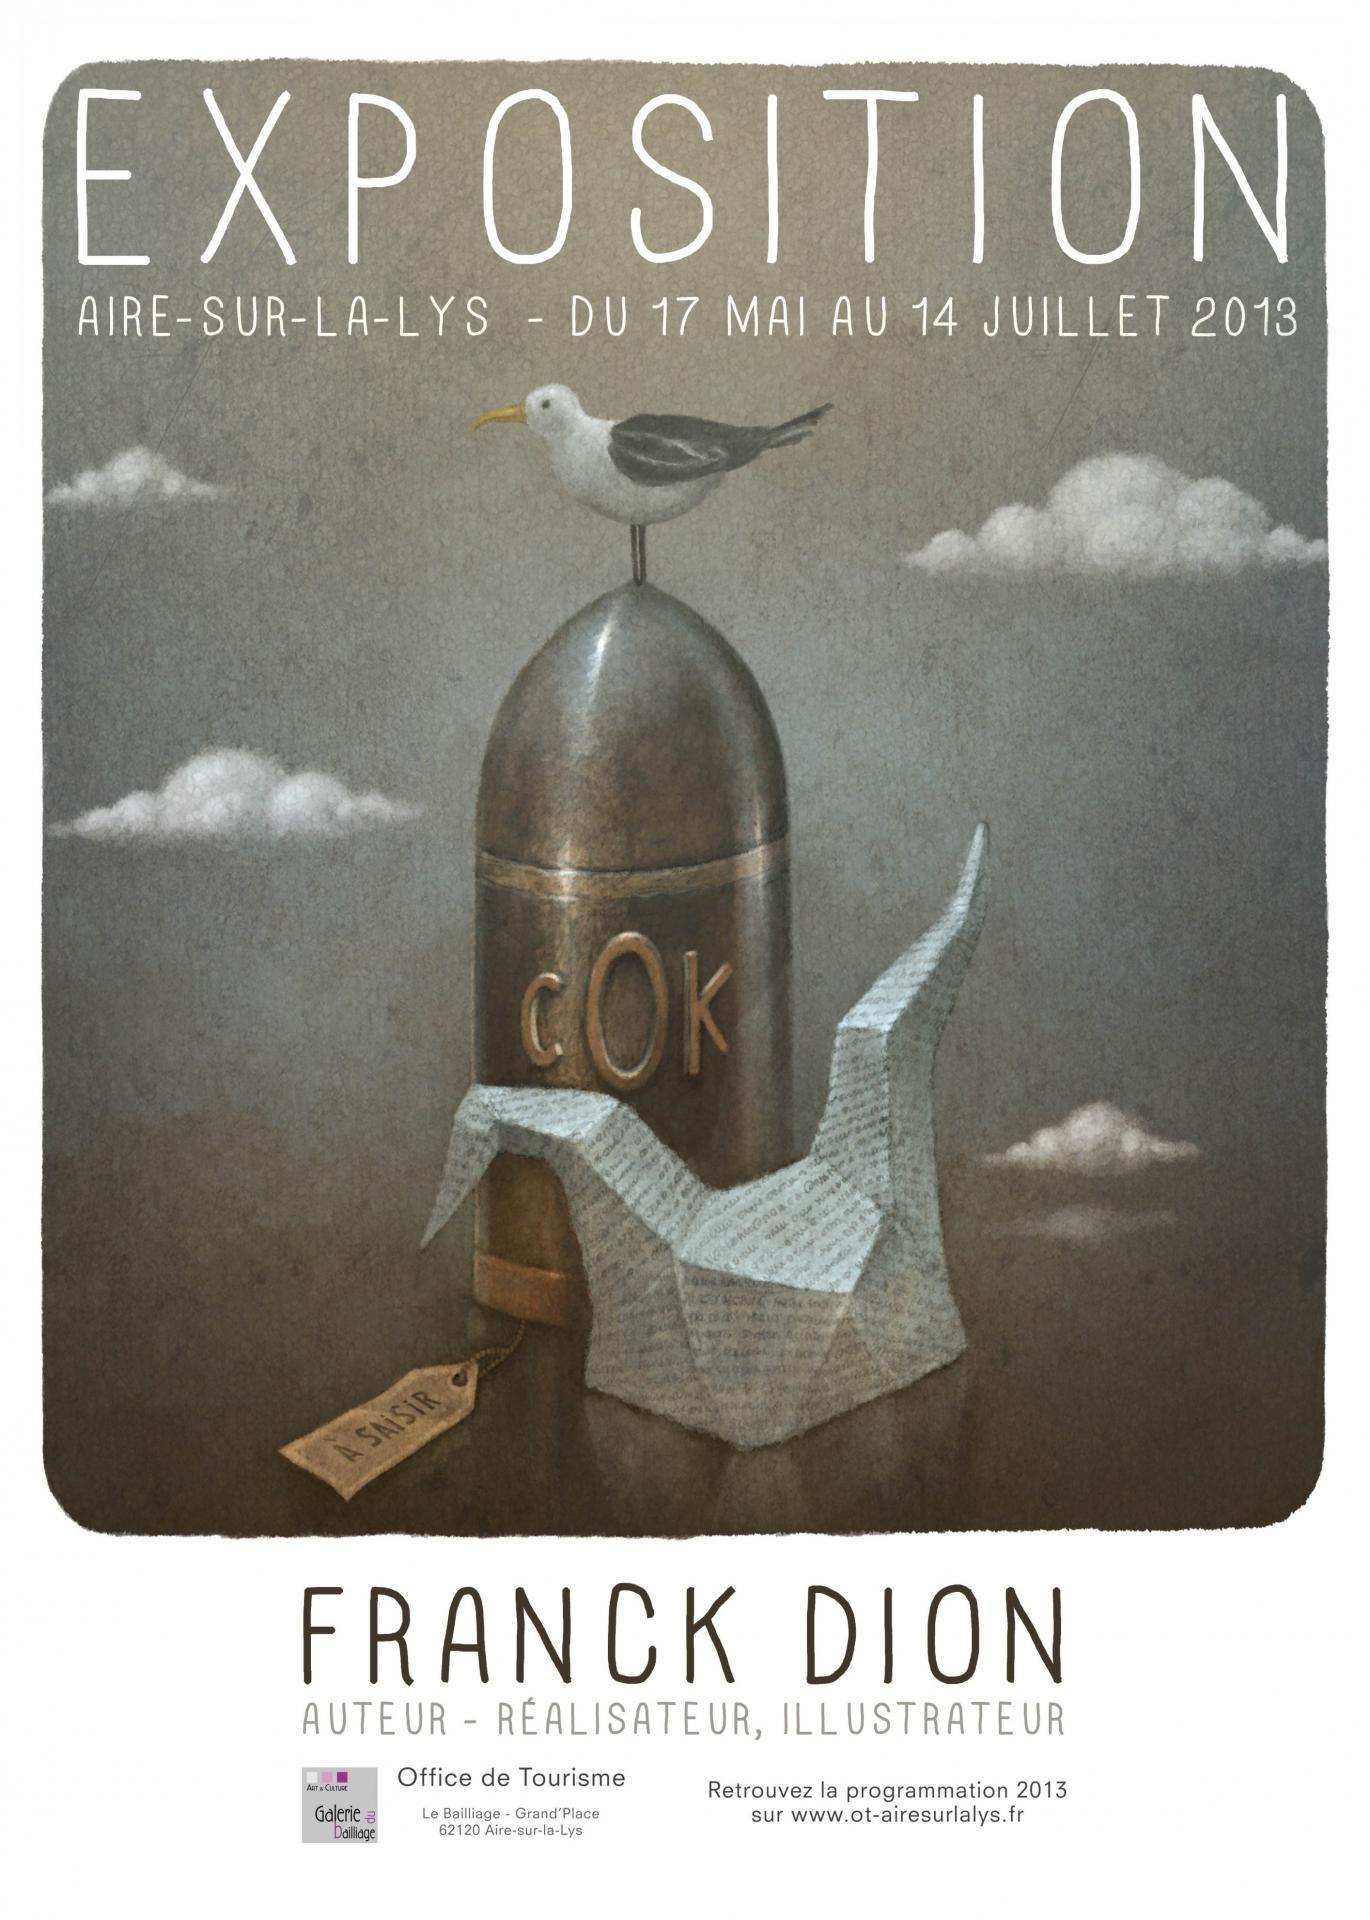 Affiche franck dion